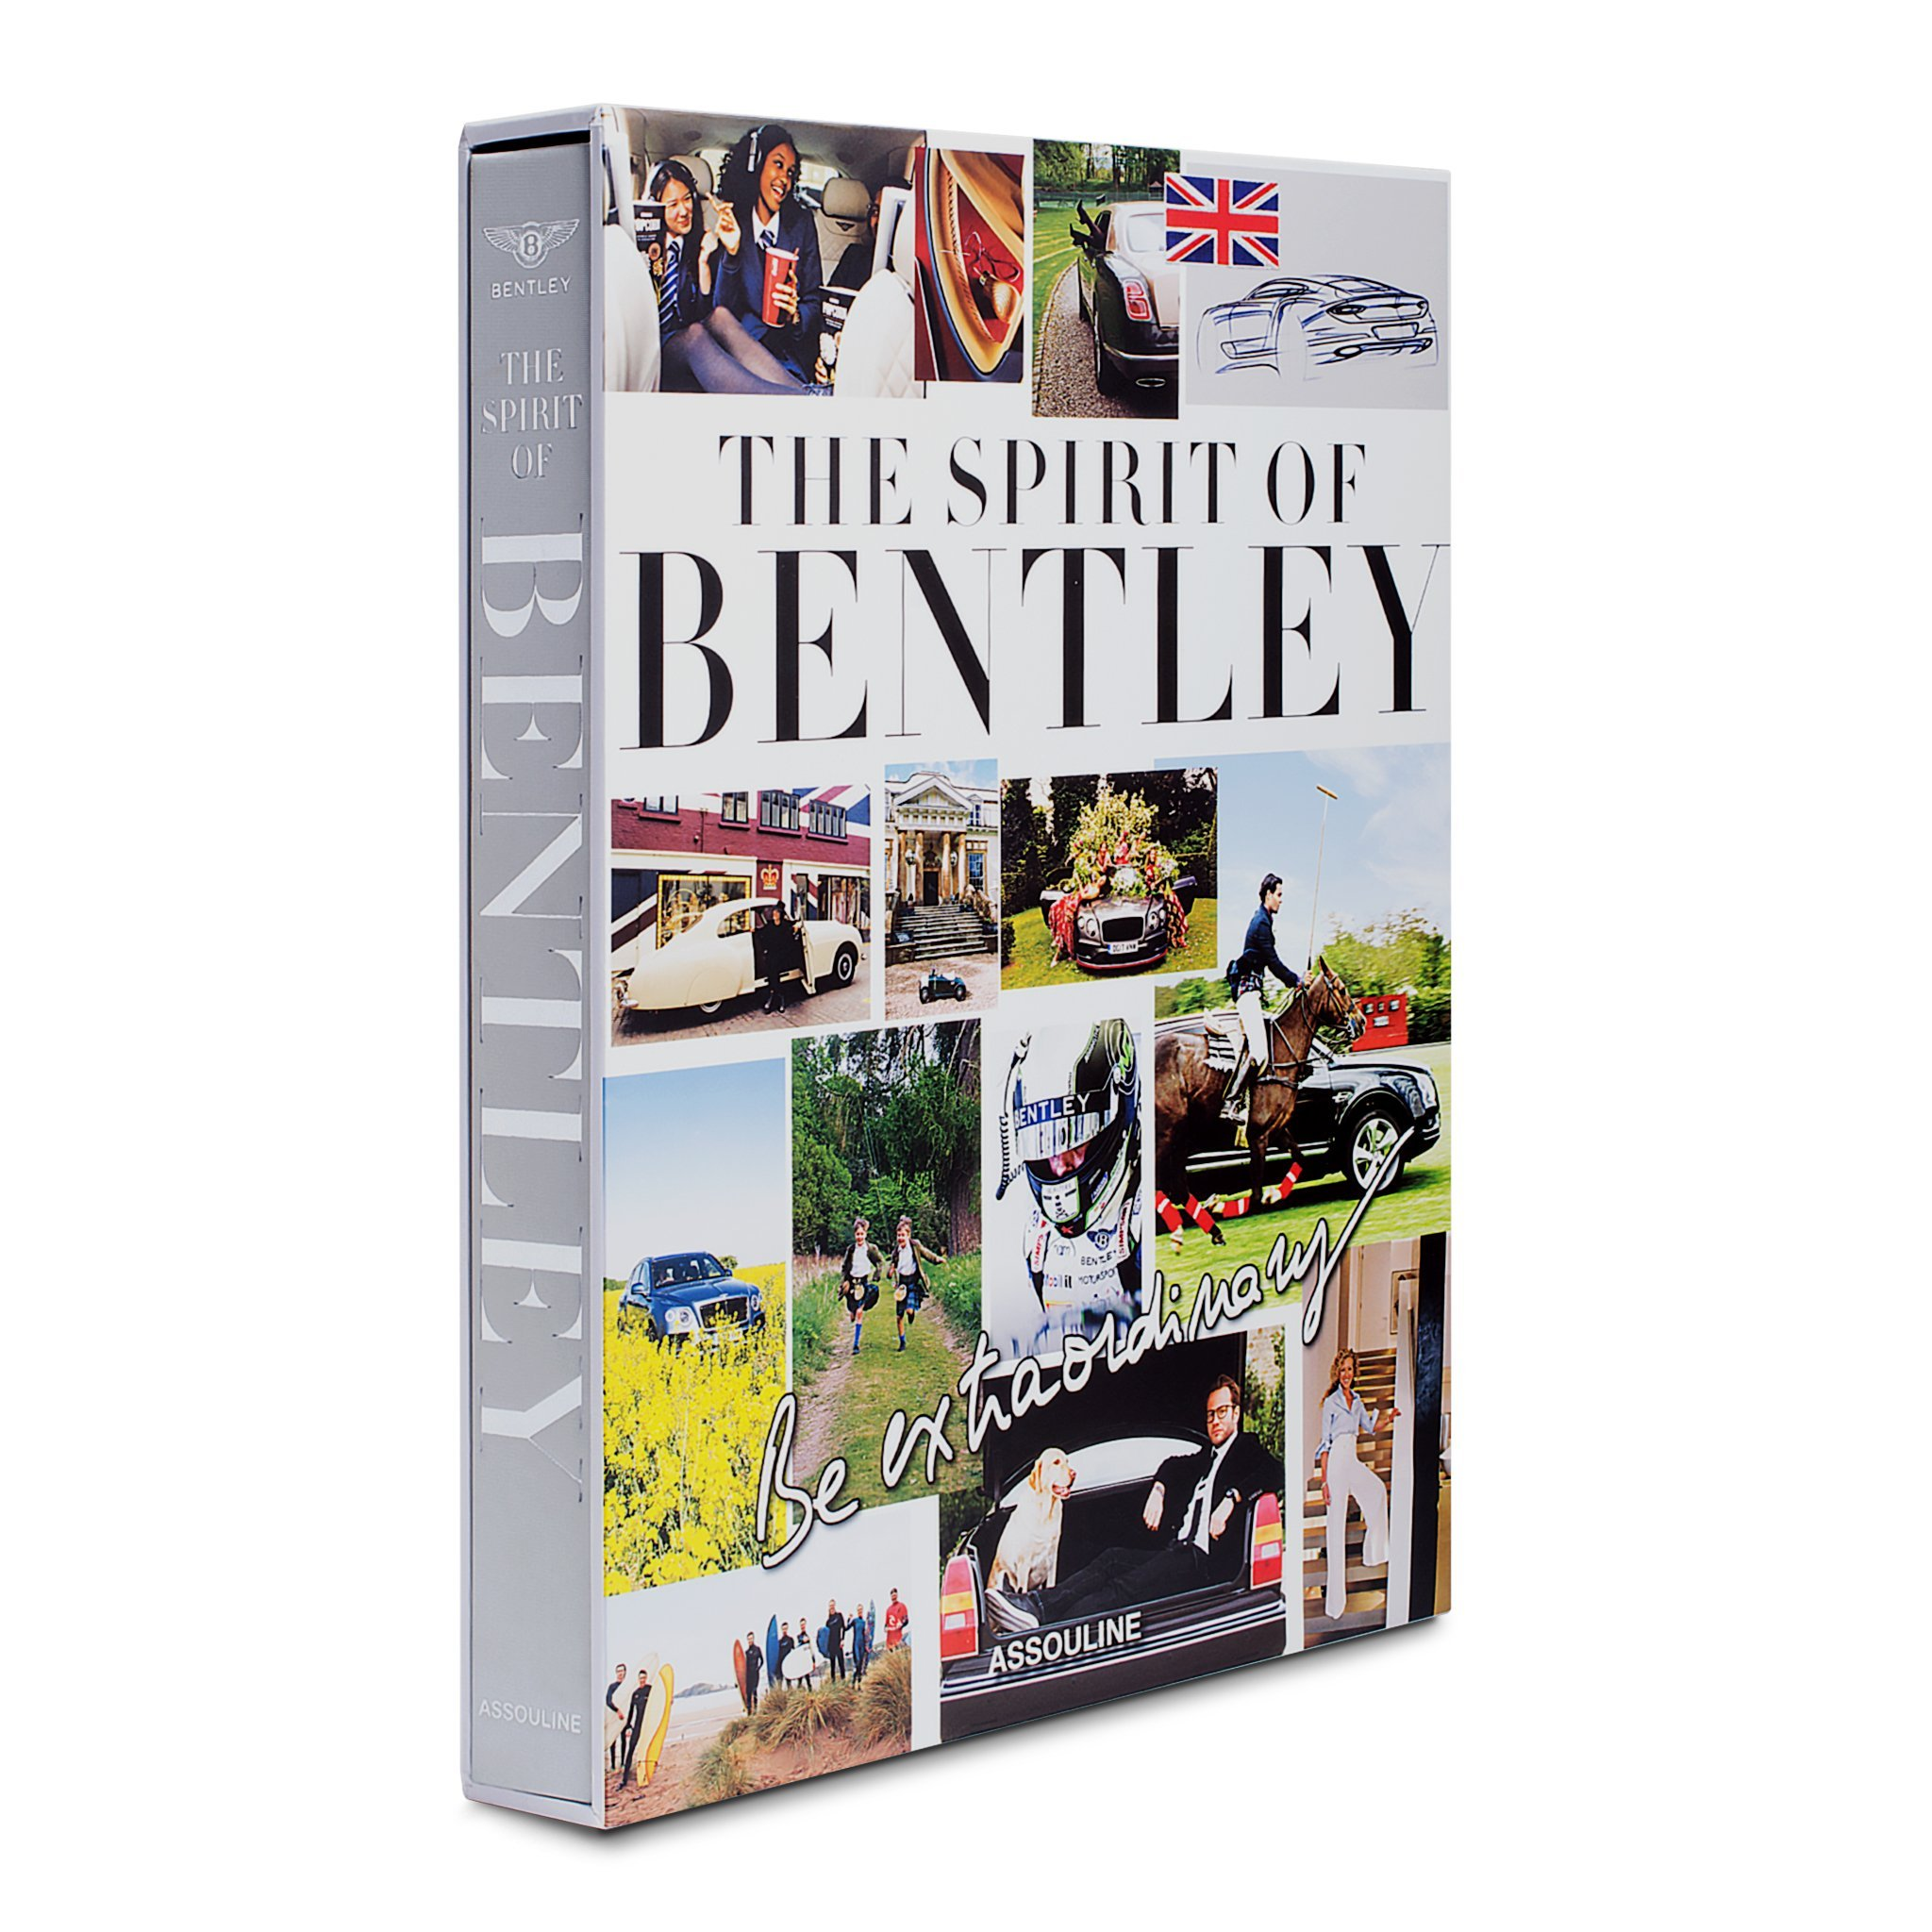 The Spirit of Bentley © Assouline